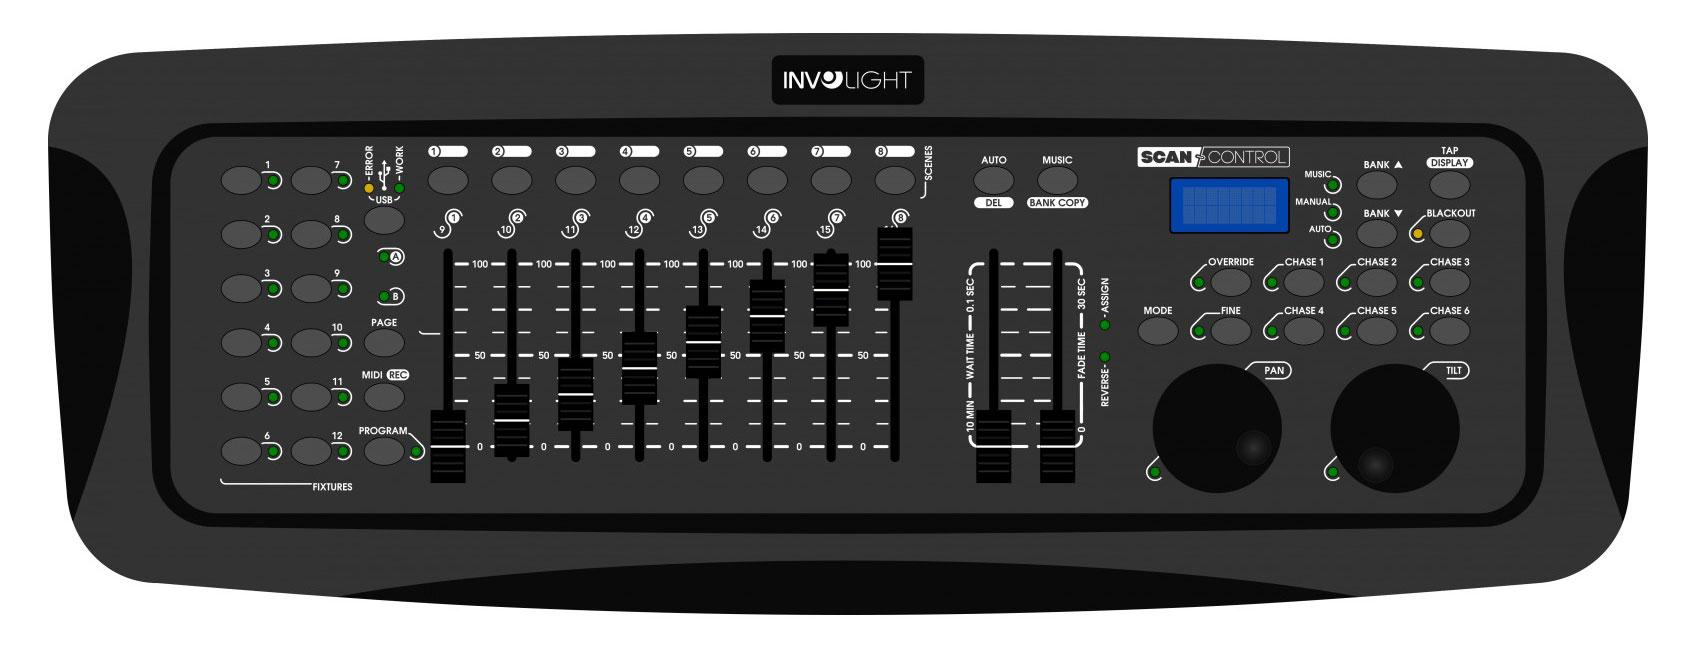 Lichtsteuerung - Involight ScanControl DMX 512 Controller - Onlineshop Musikhaus Kirstein